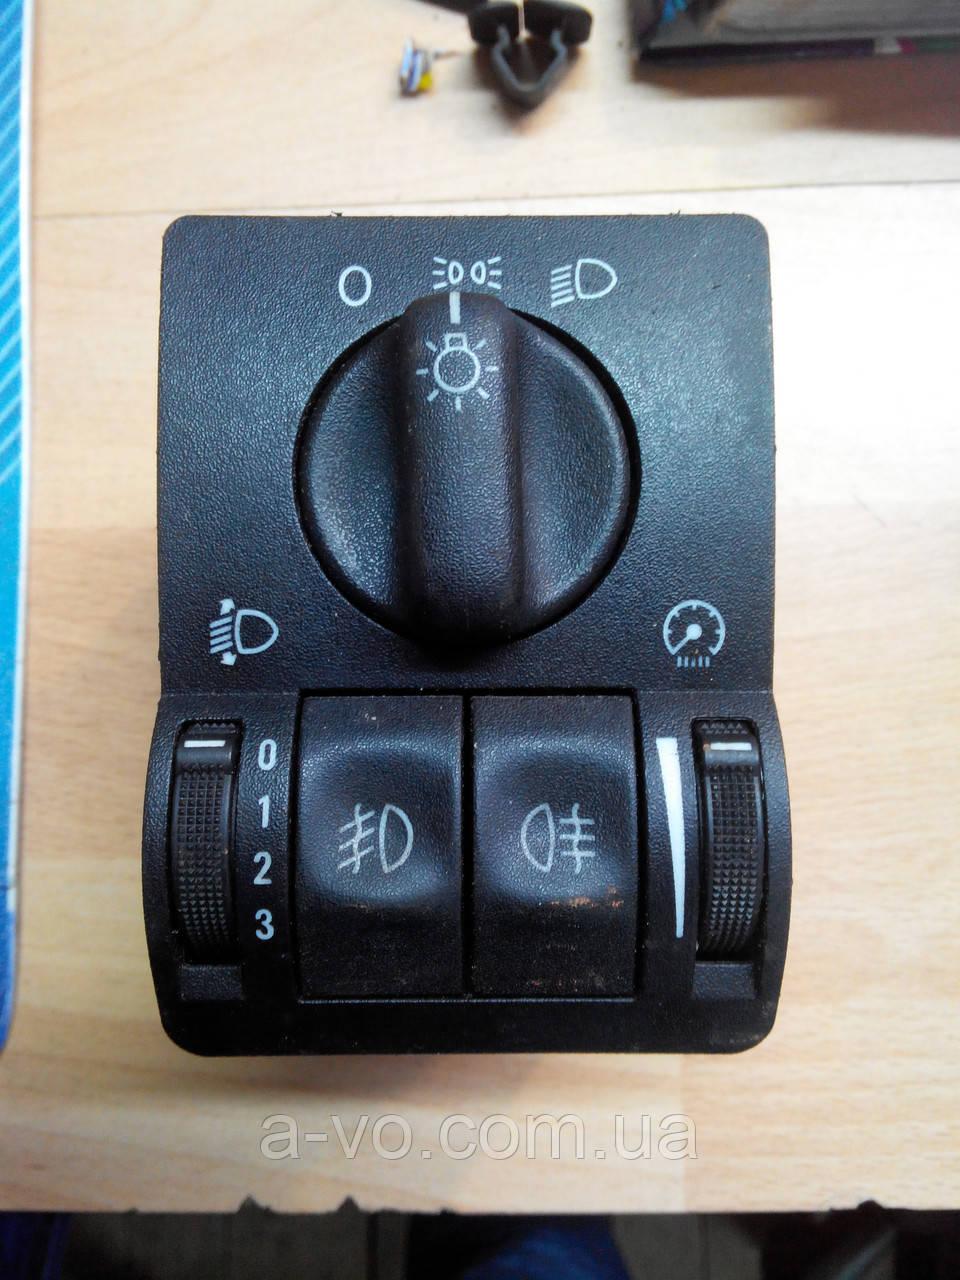 Блок управления освещением для Opel Astra G Zafira A 09133249, 09138347